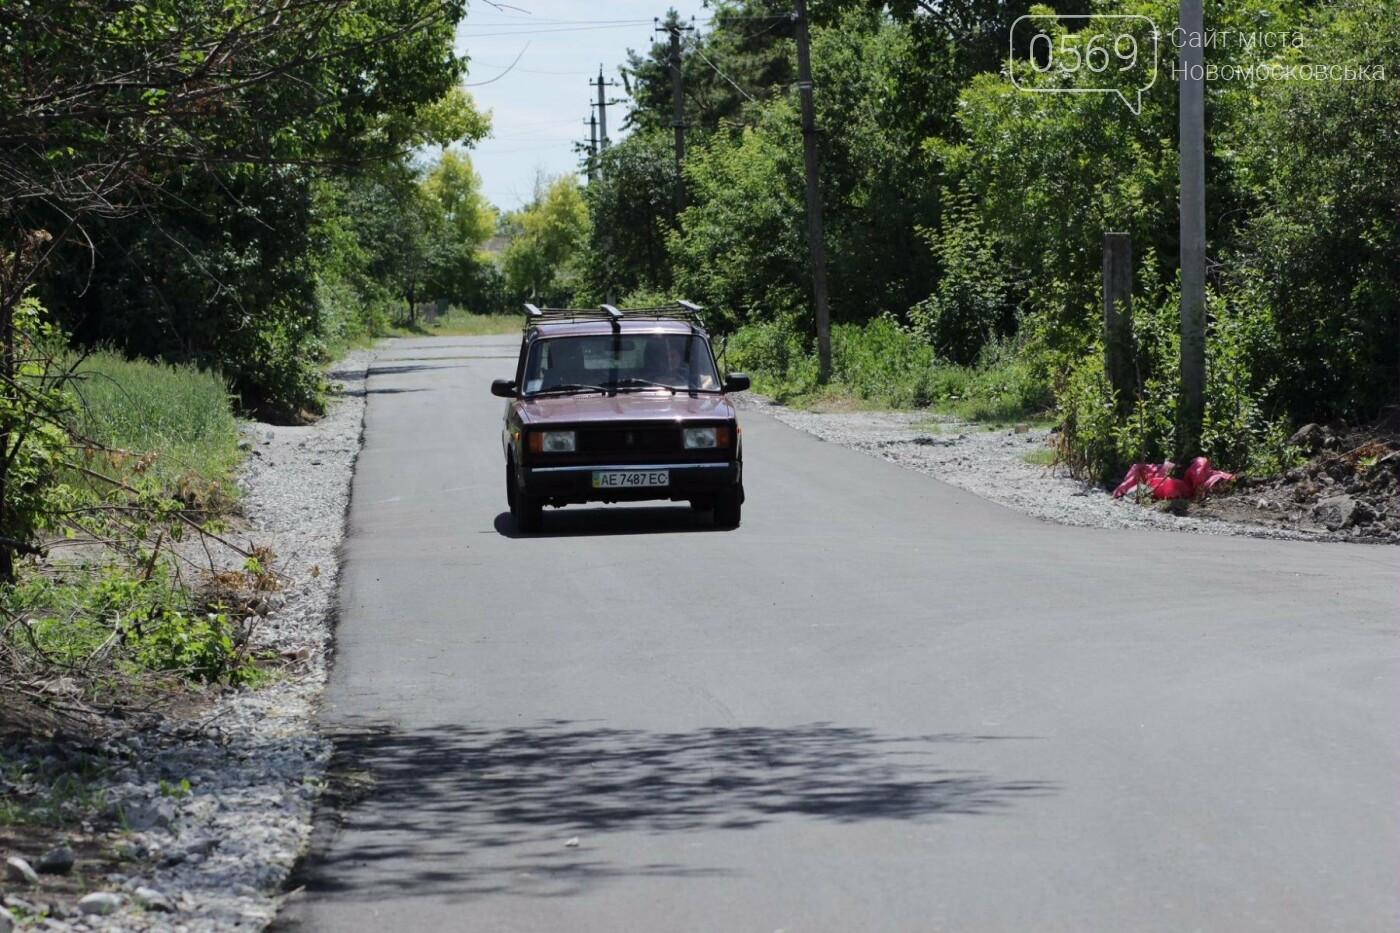 В селе на Новомосковщине отремонтировали две дороги, фото-10